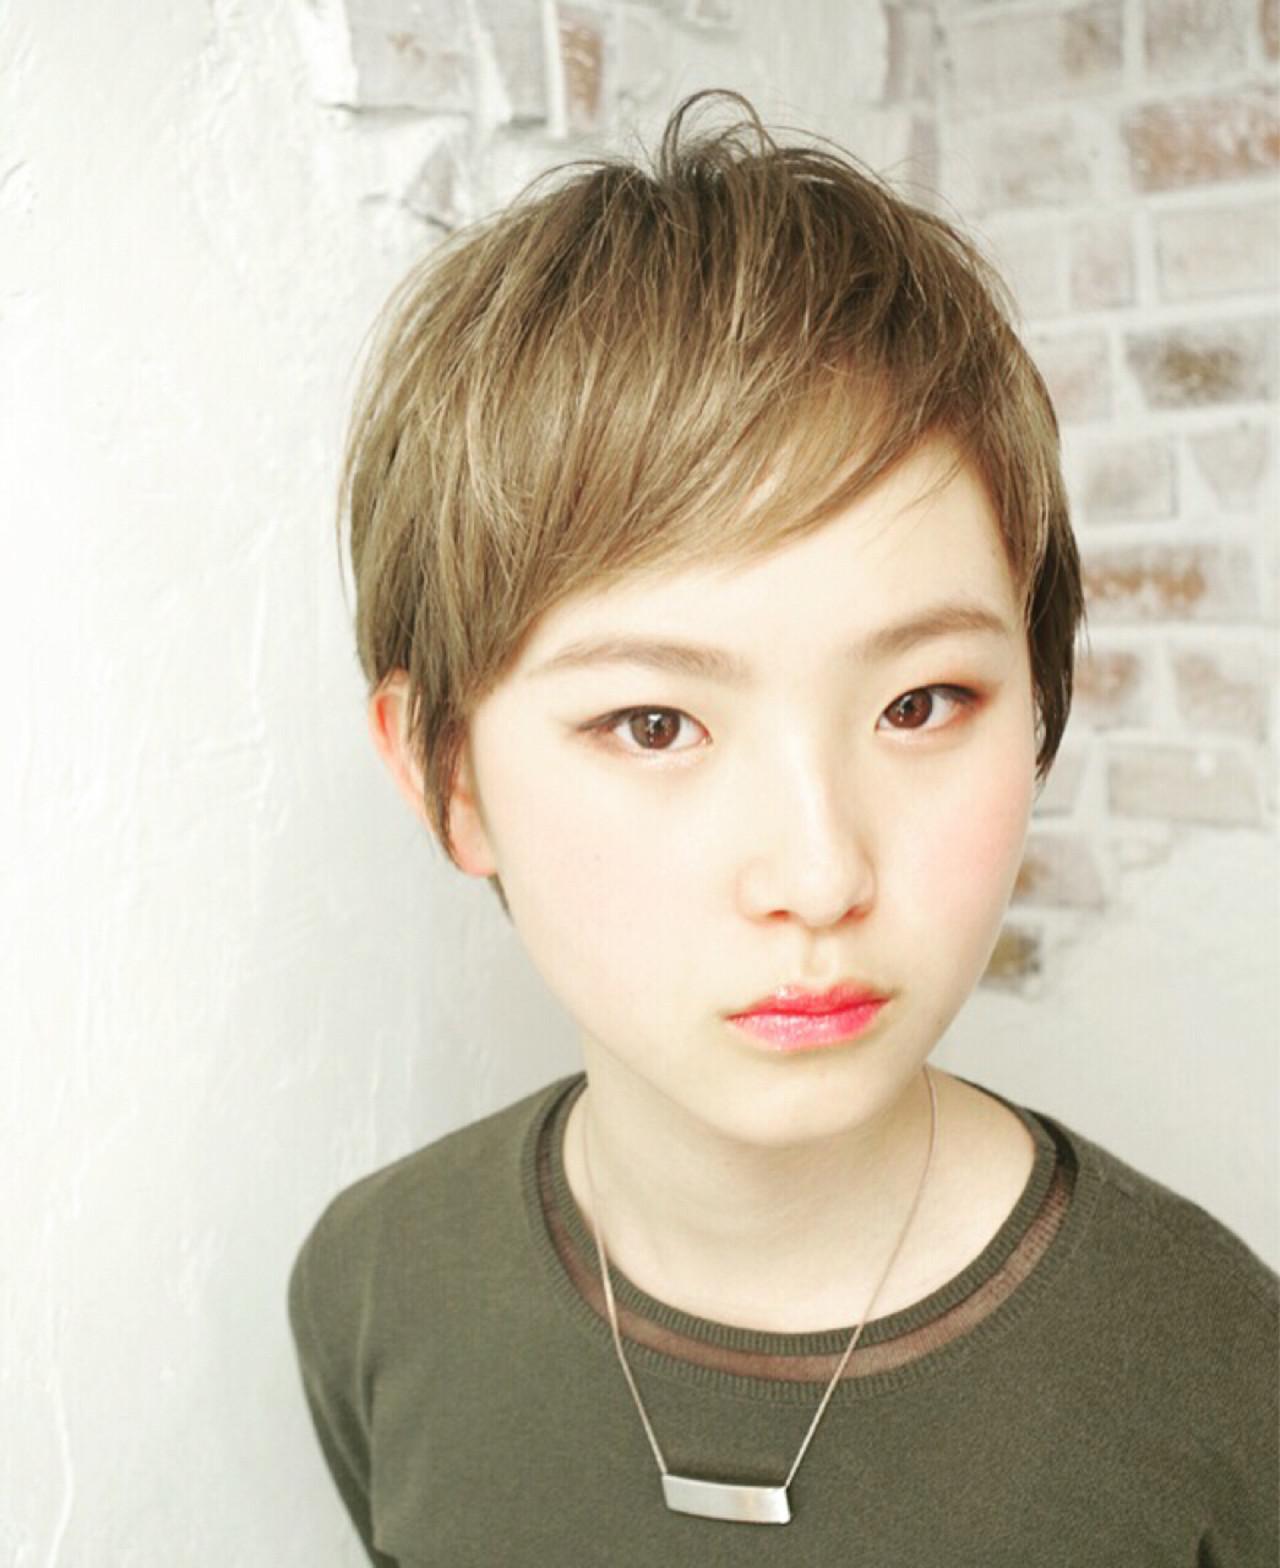 ピュア アッシュベージュ ショート ナチュラル ヘアスタイルや髪型の写真・画像 | Nao Kokubun blast / blast